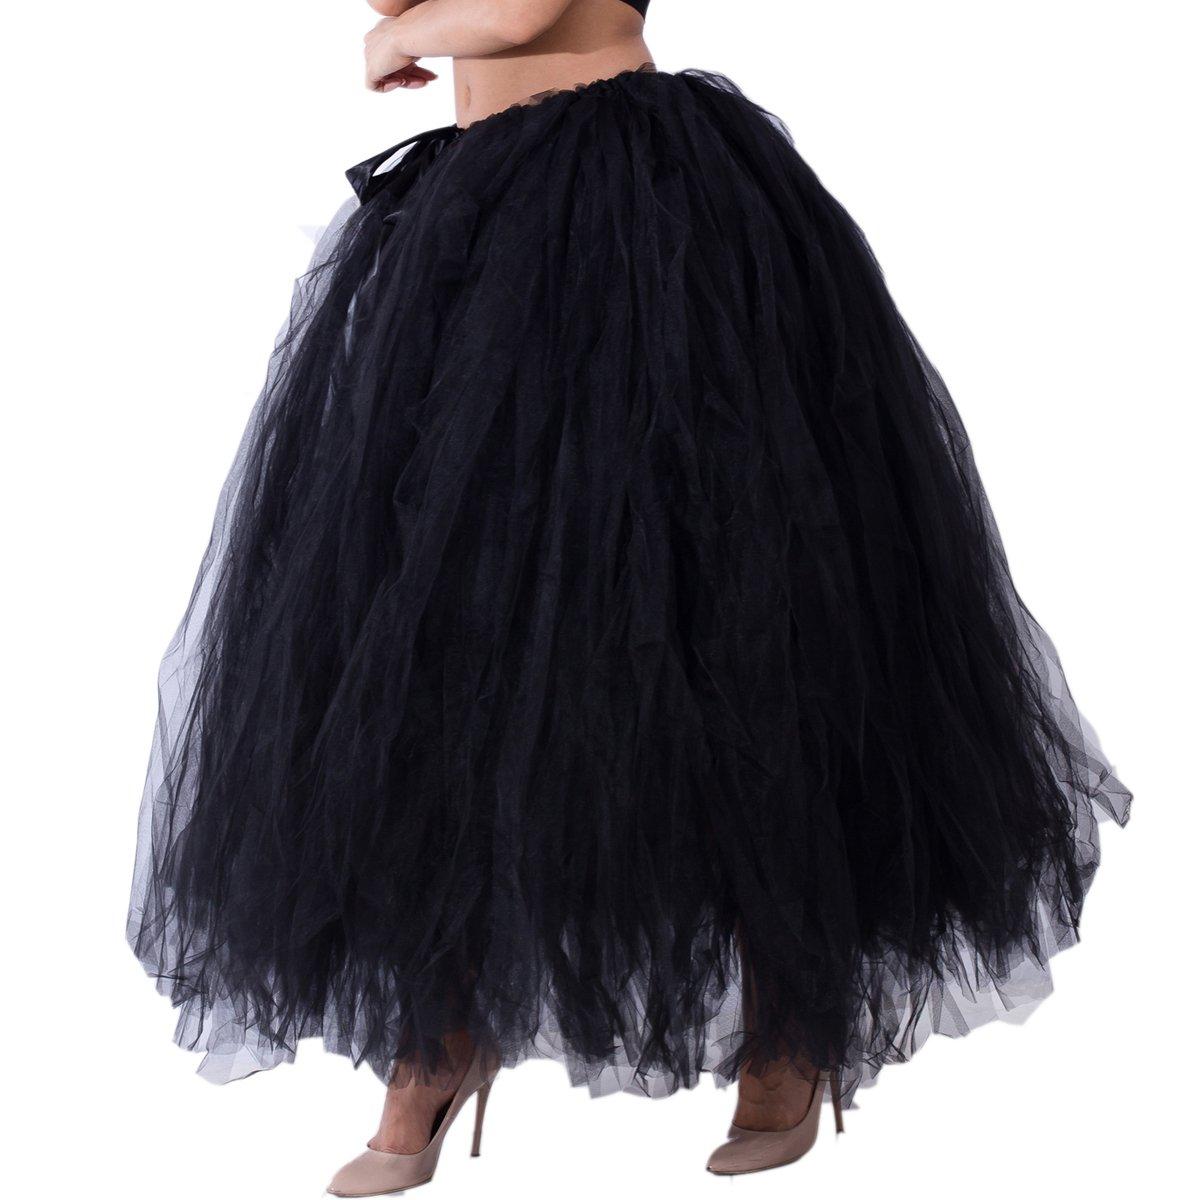 280e4aae7b Plus Size Full Length Tulle Skirt